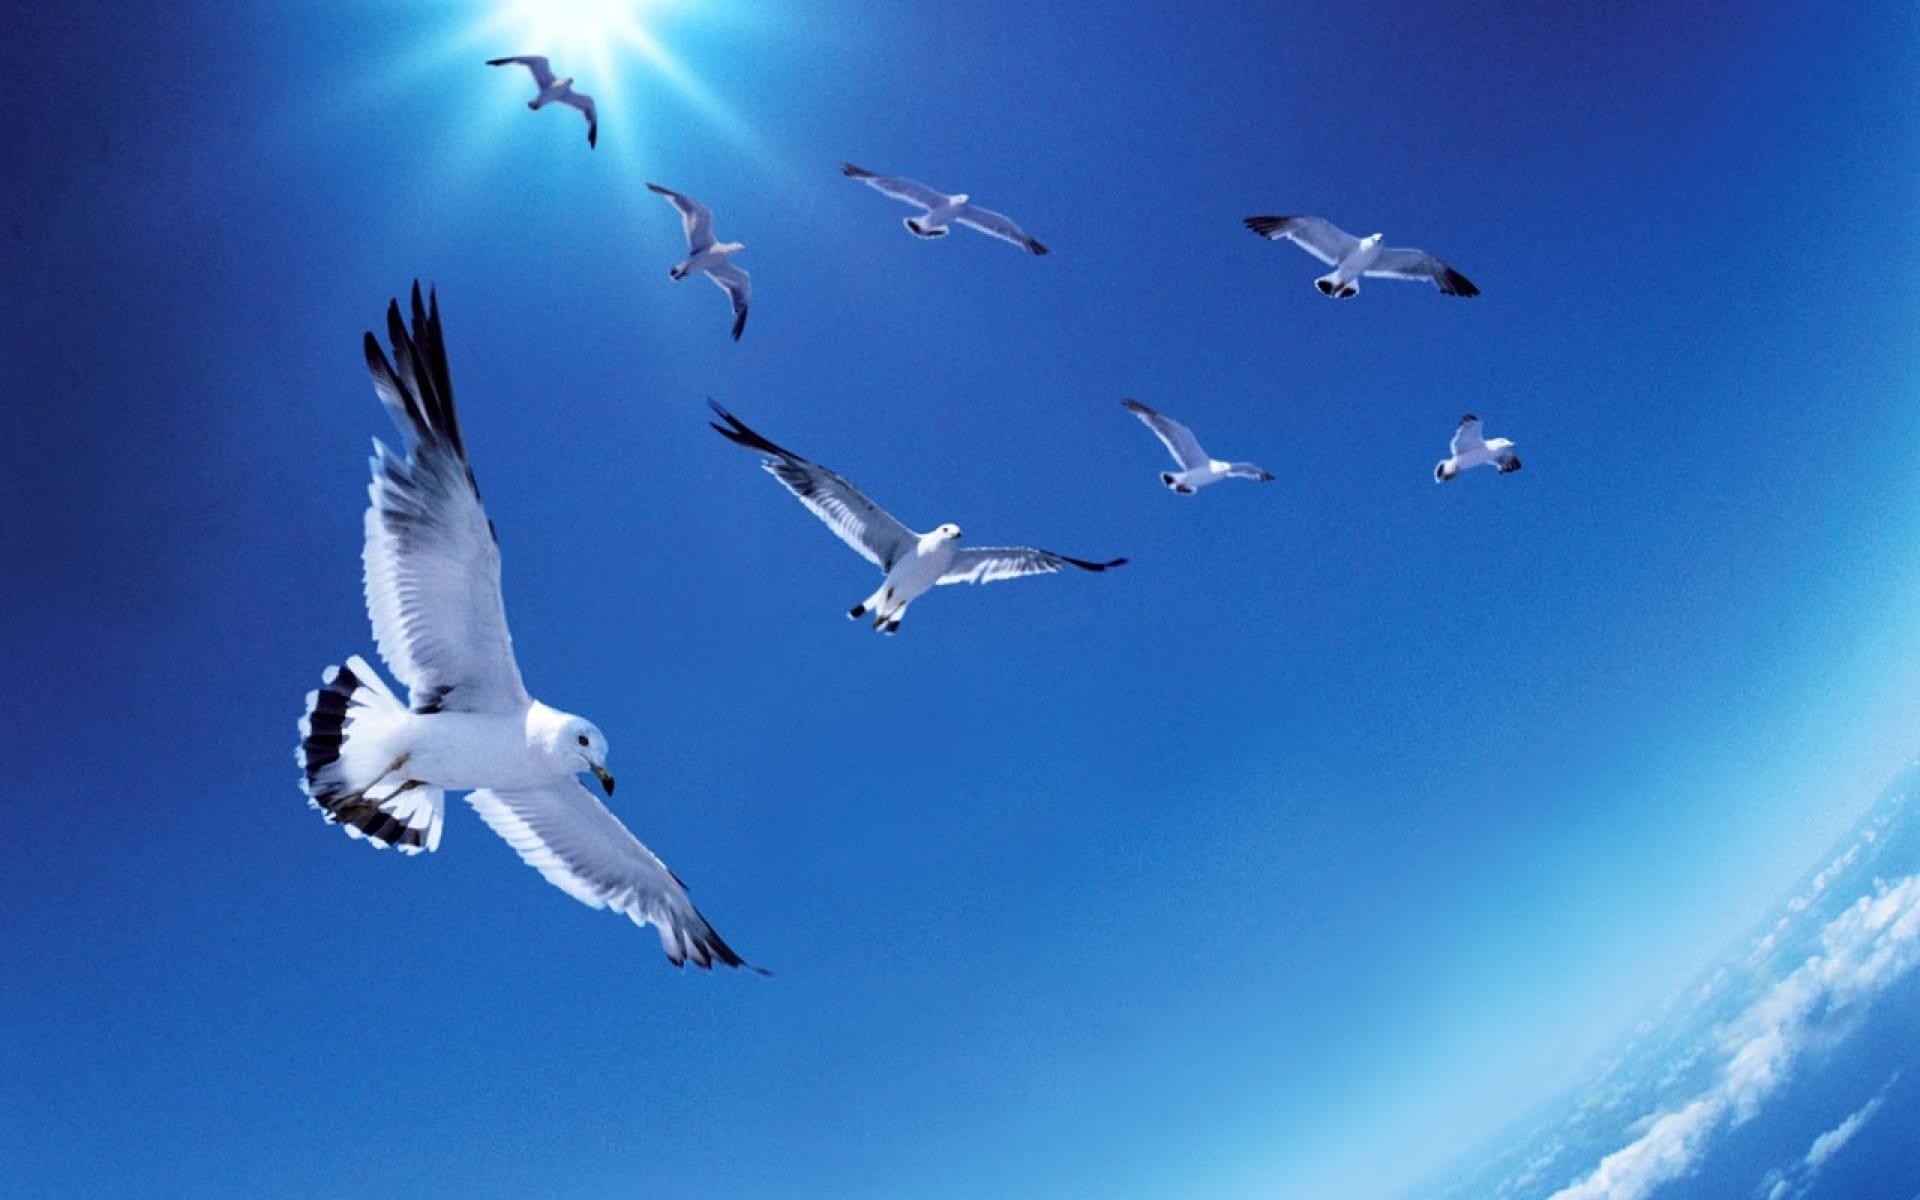 Constelação Familiar e o voo dos pássaros em grupo.